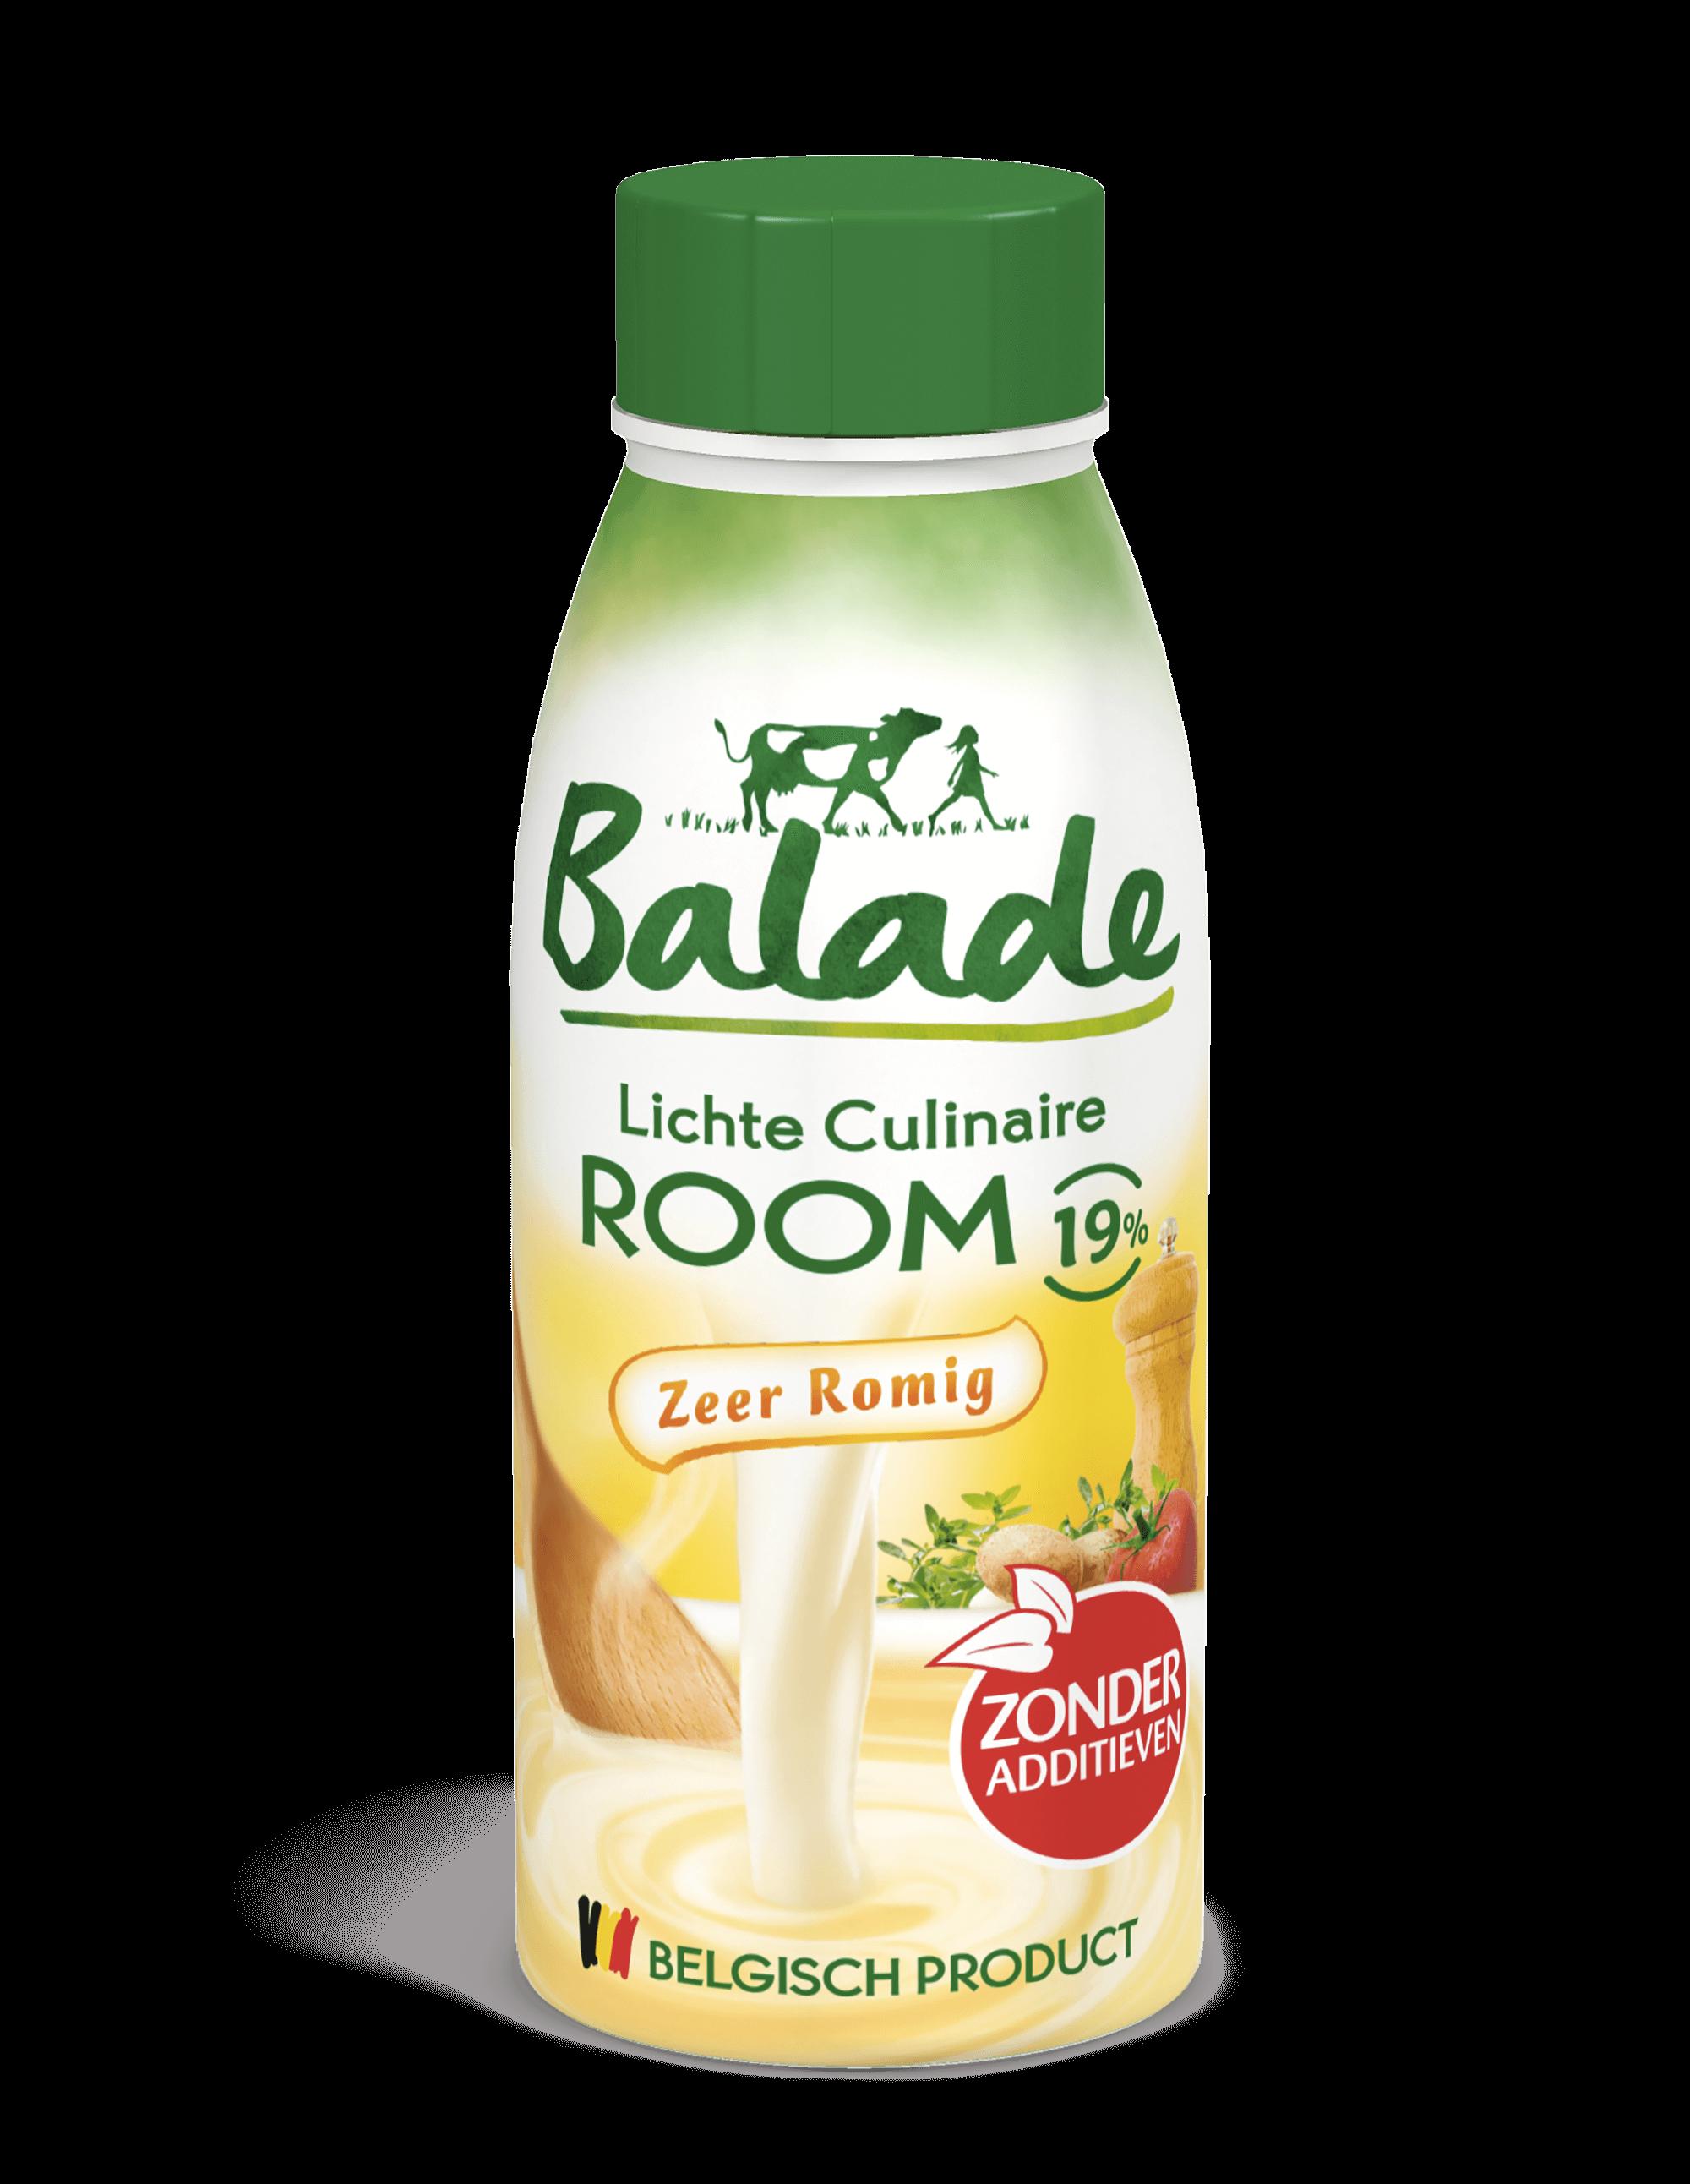 melk, room, zonder additieven